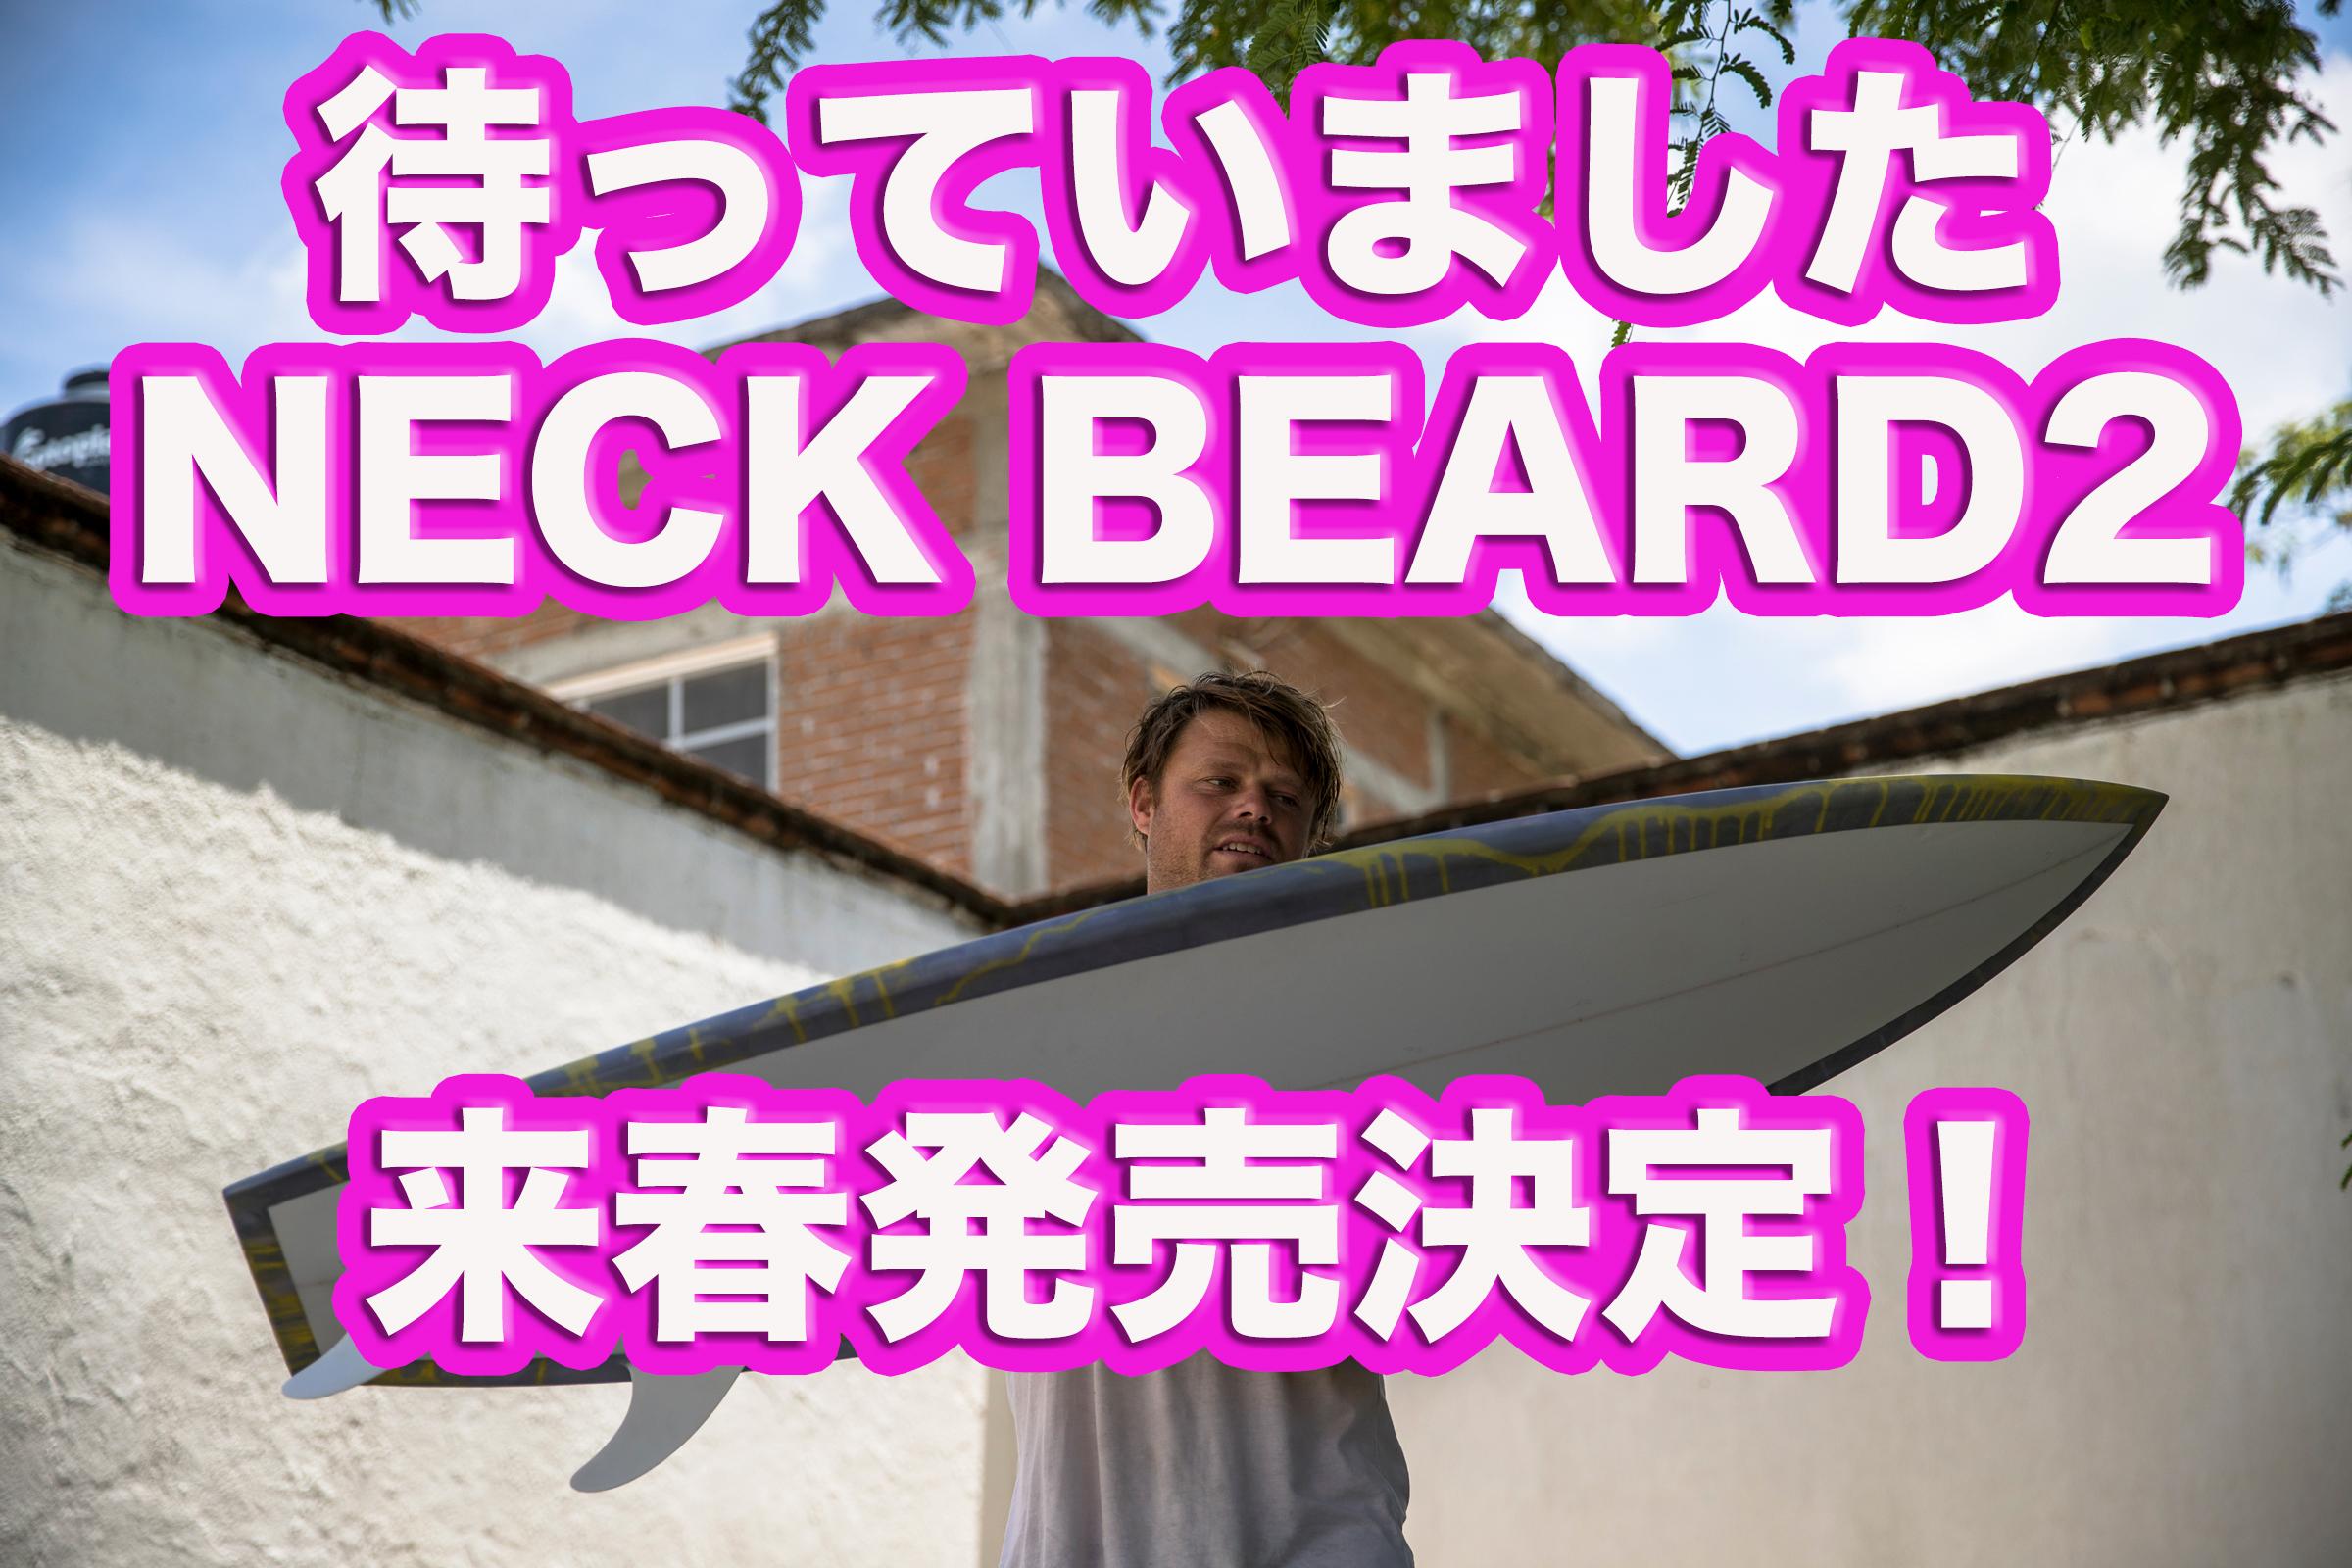 約10年の時を経てあのモデルの新作が帰ってくる!チャネルアイランズ The Neck Beard 2